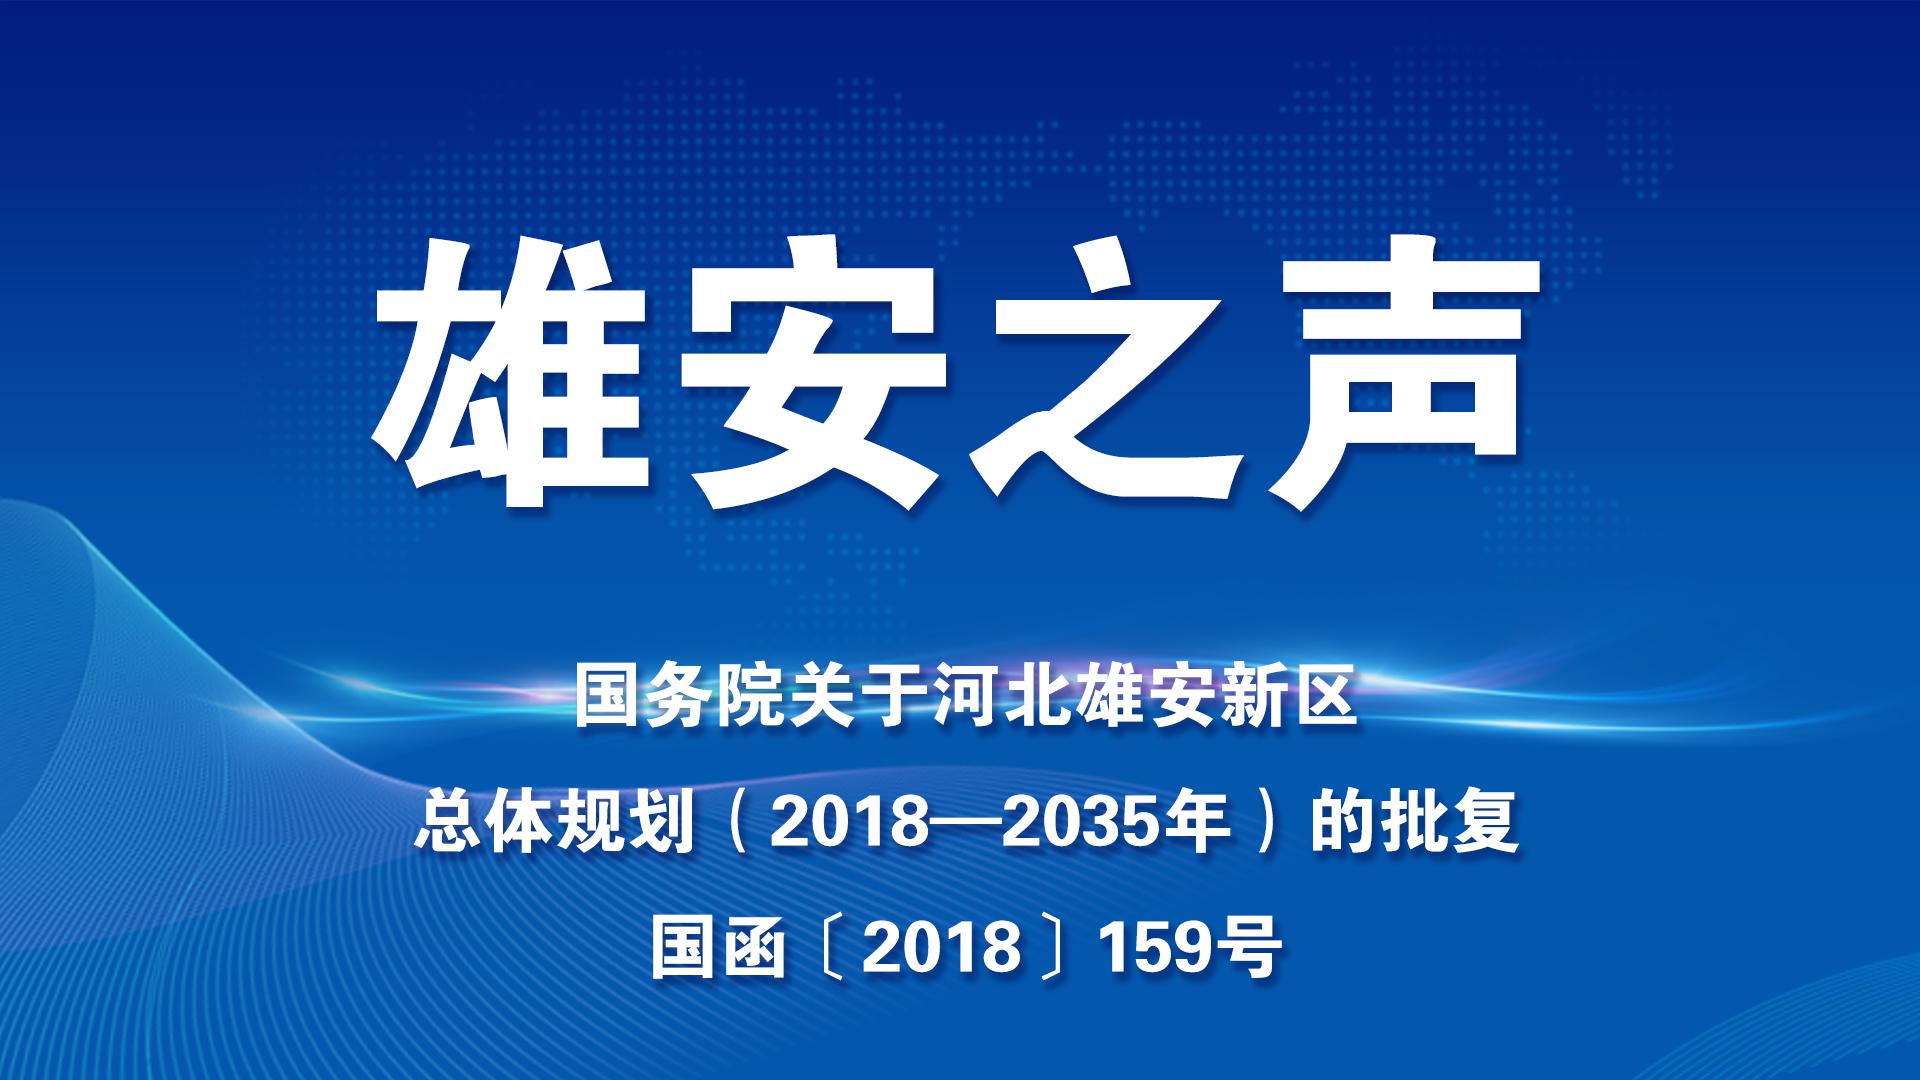 【雄安之声】国务院关于河北雄安新区总体规划(2018—2035年)的批复